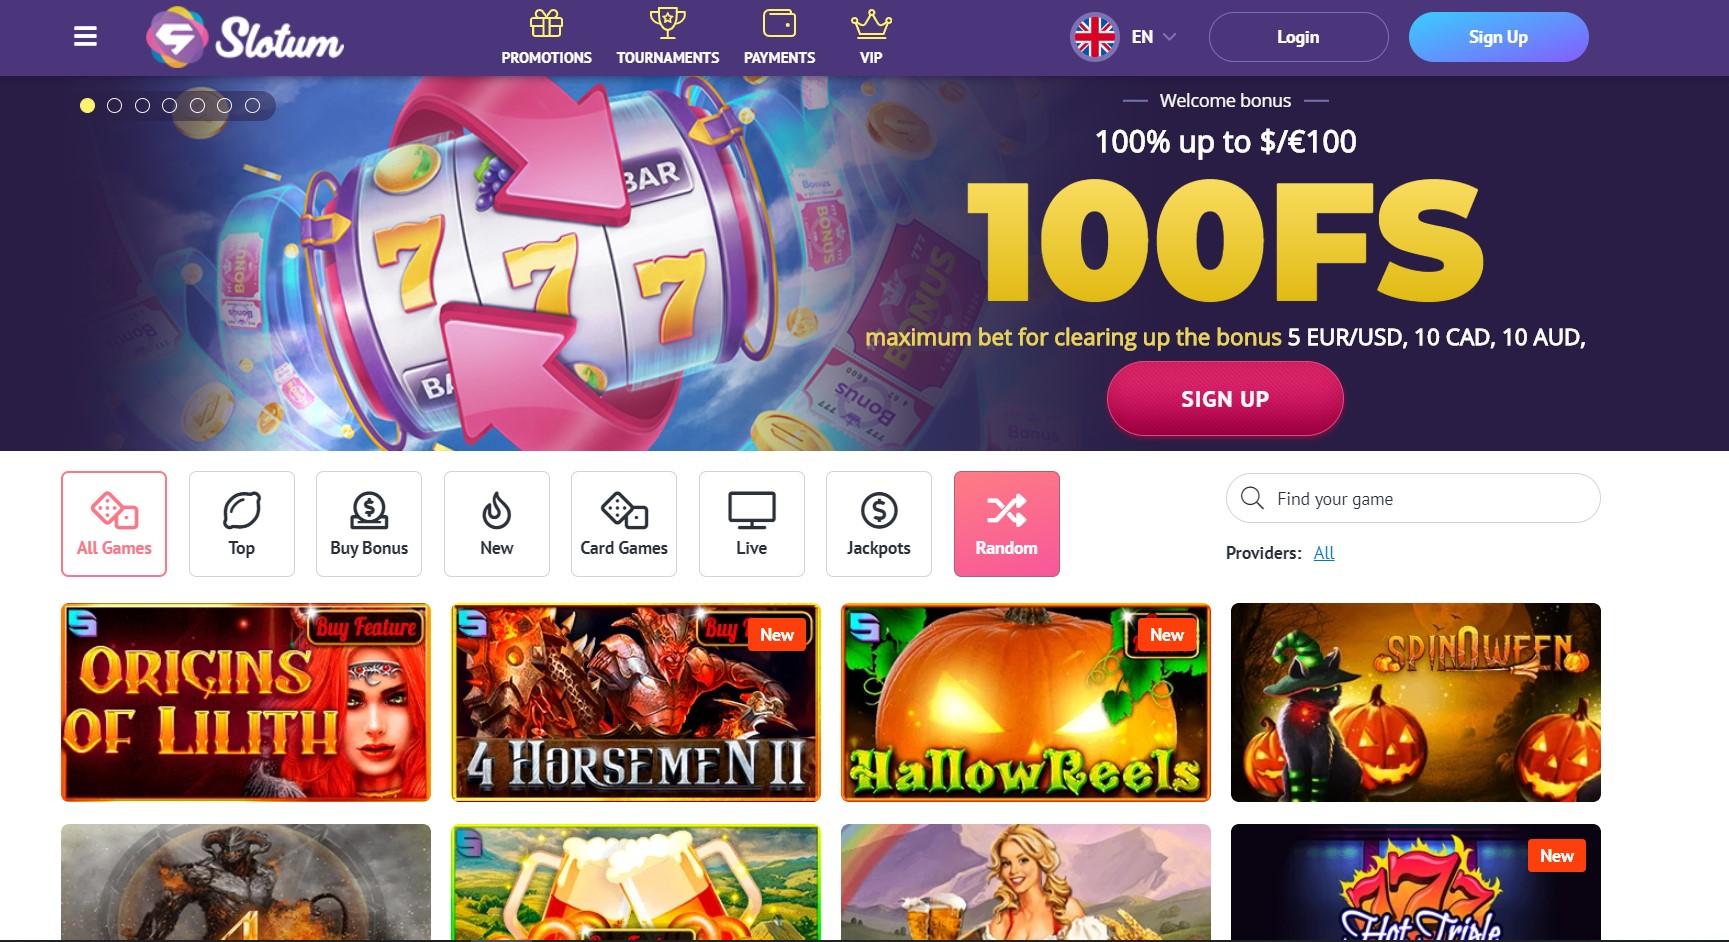 Slotum casino homepage